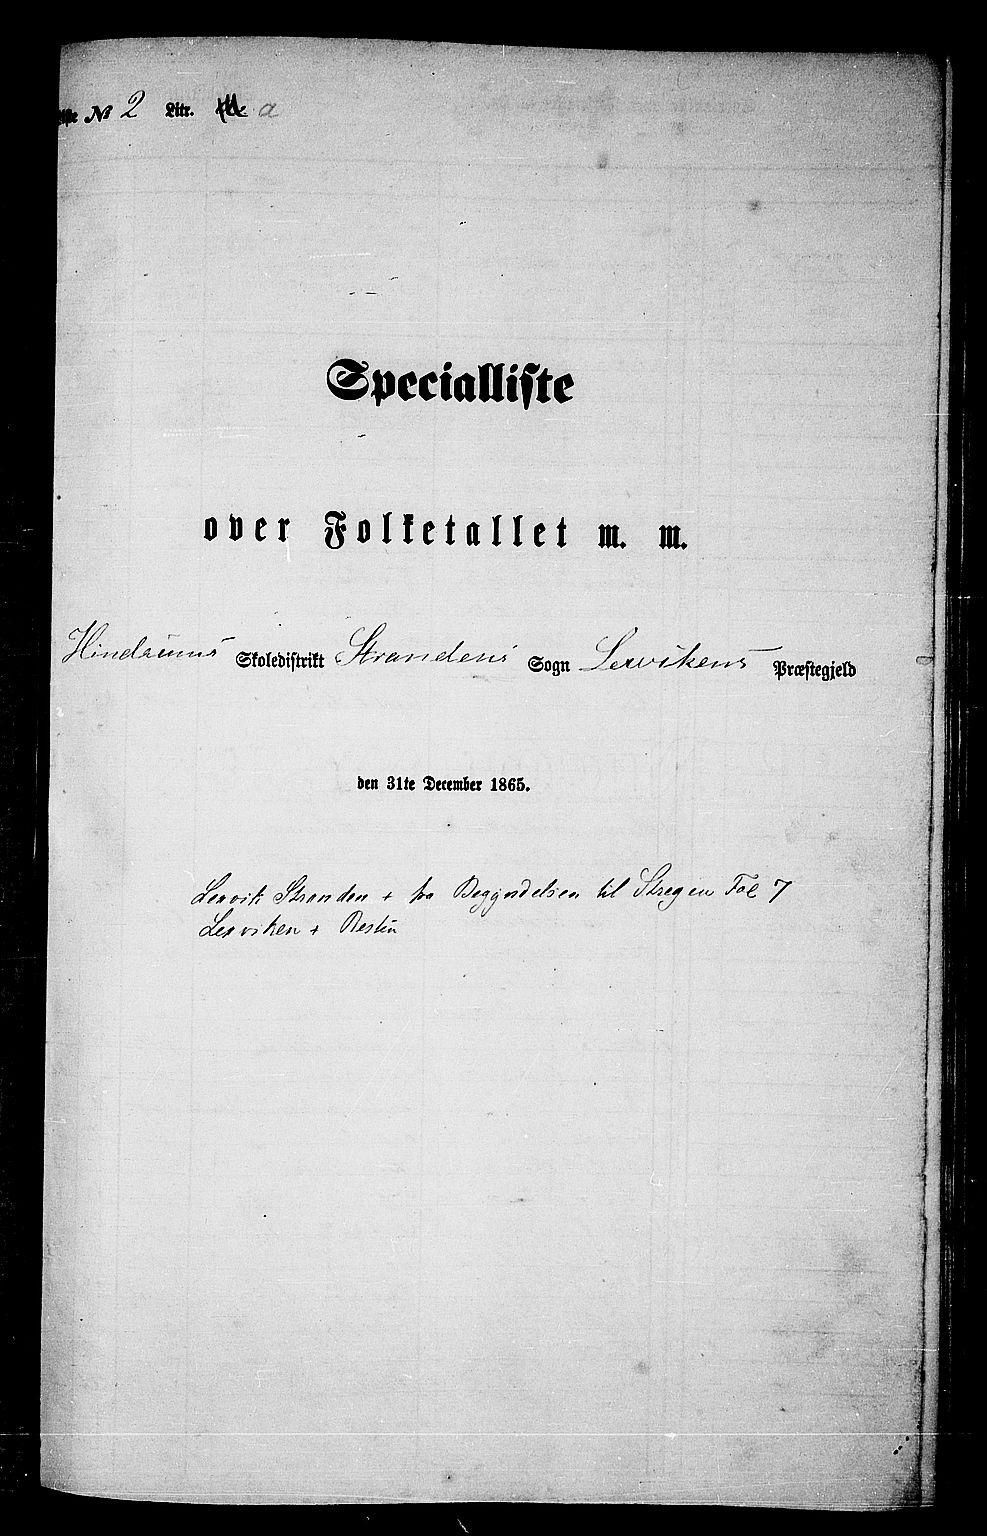 RA, Folketelling 1865 for 1718P Leksvik prestegjeld, 1865, s. 32